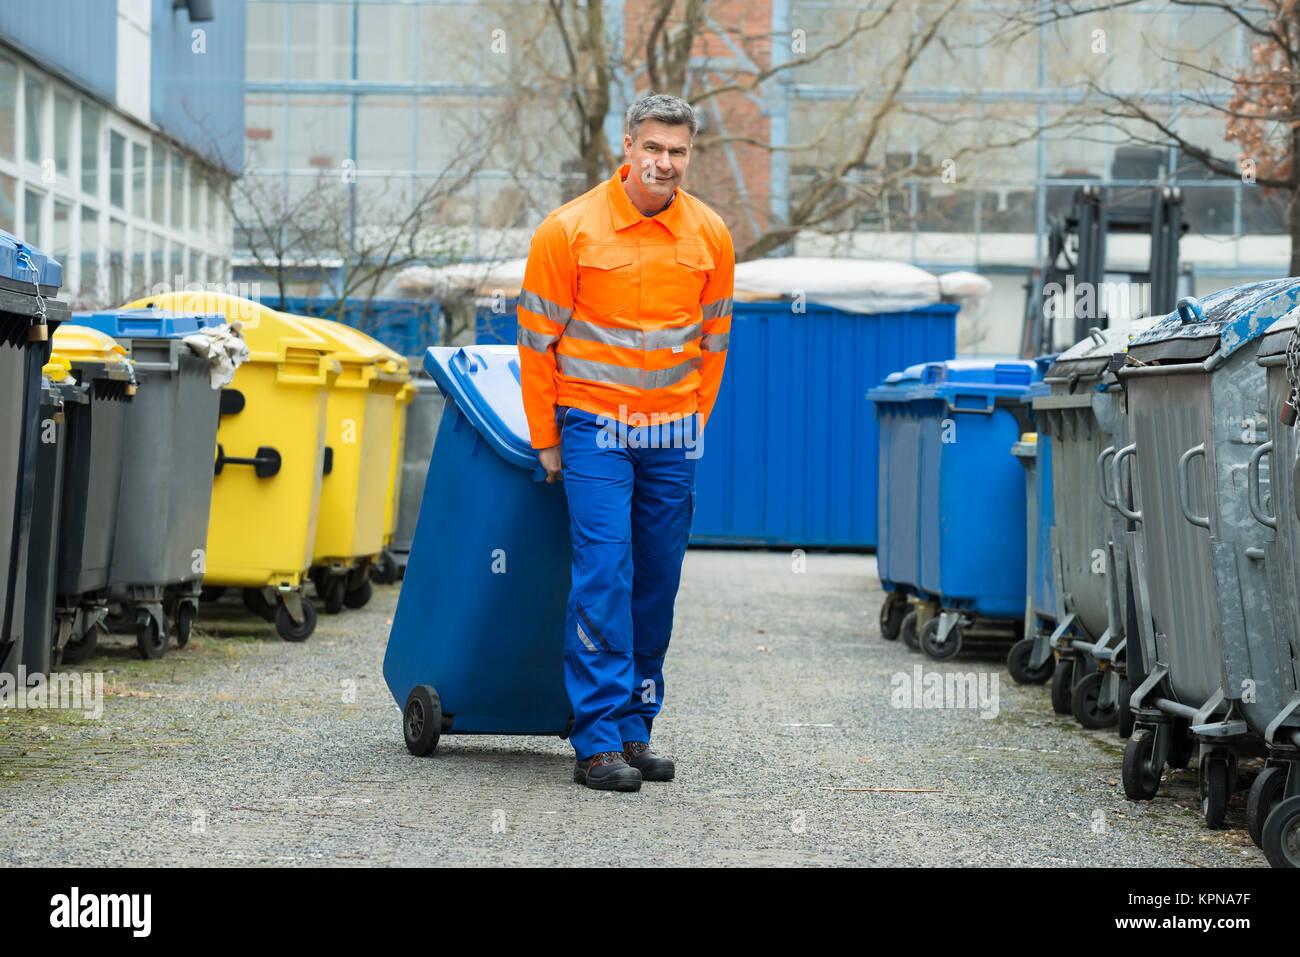 Male Worker Walking With Dustbin On Street - Stock Image